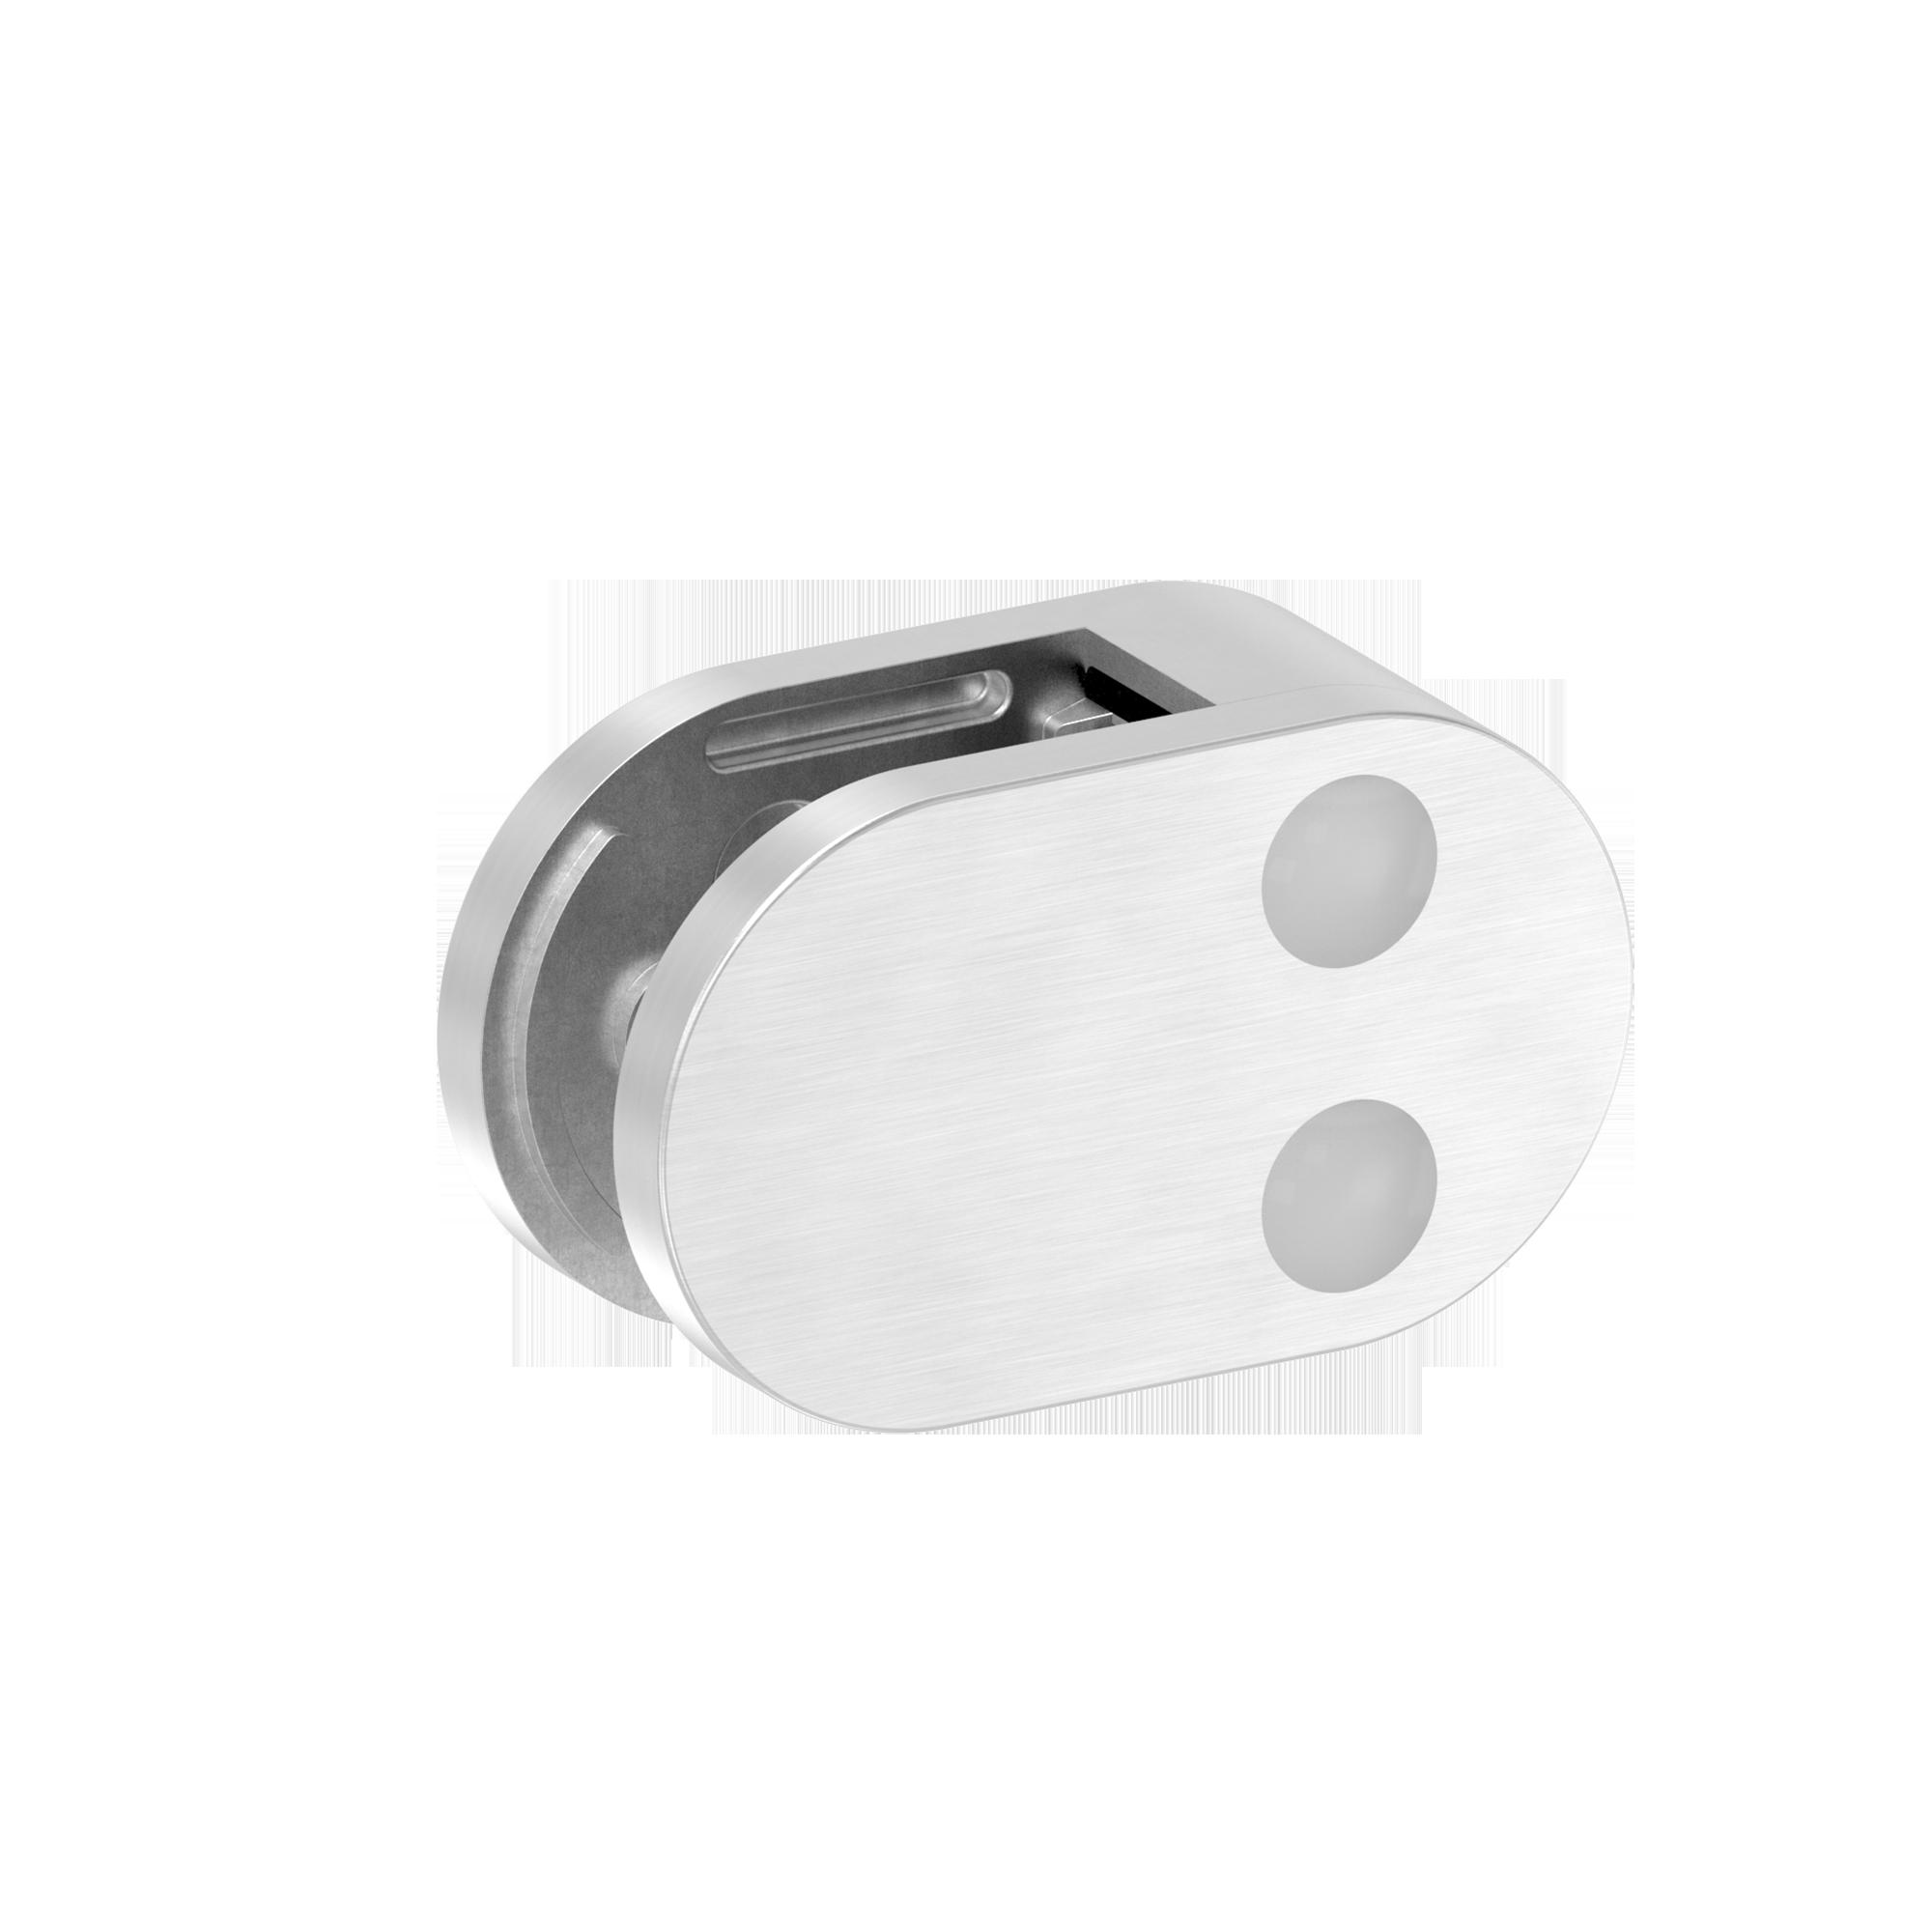 Sichtschutz-Glasklemme Modell 25